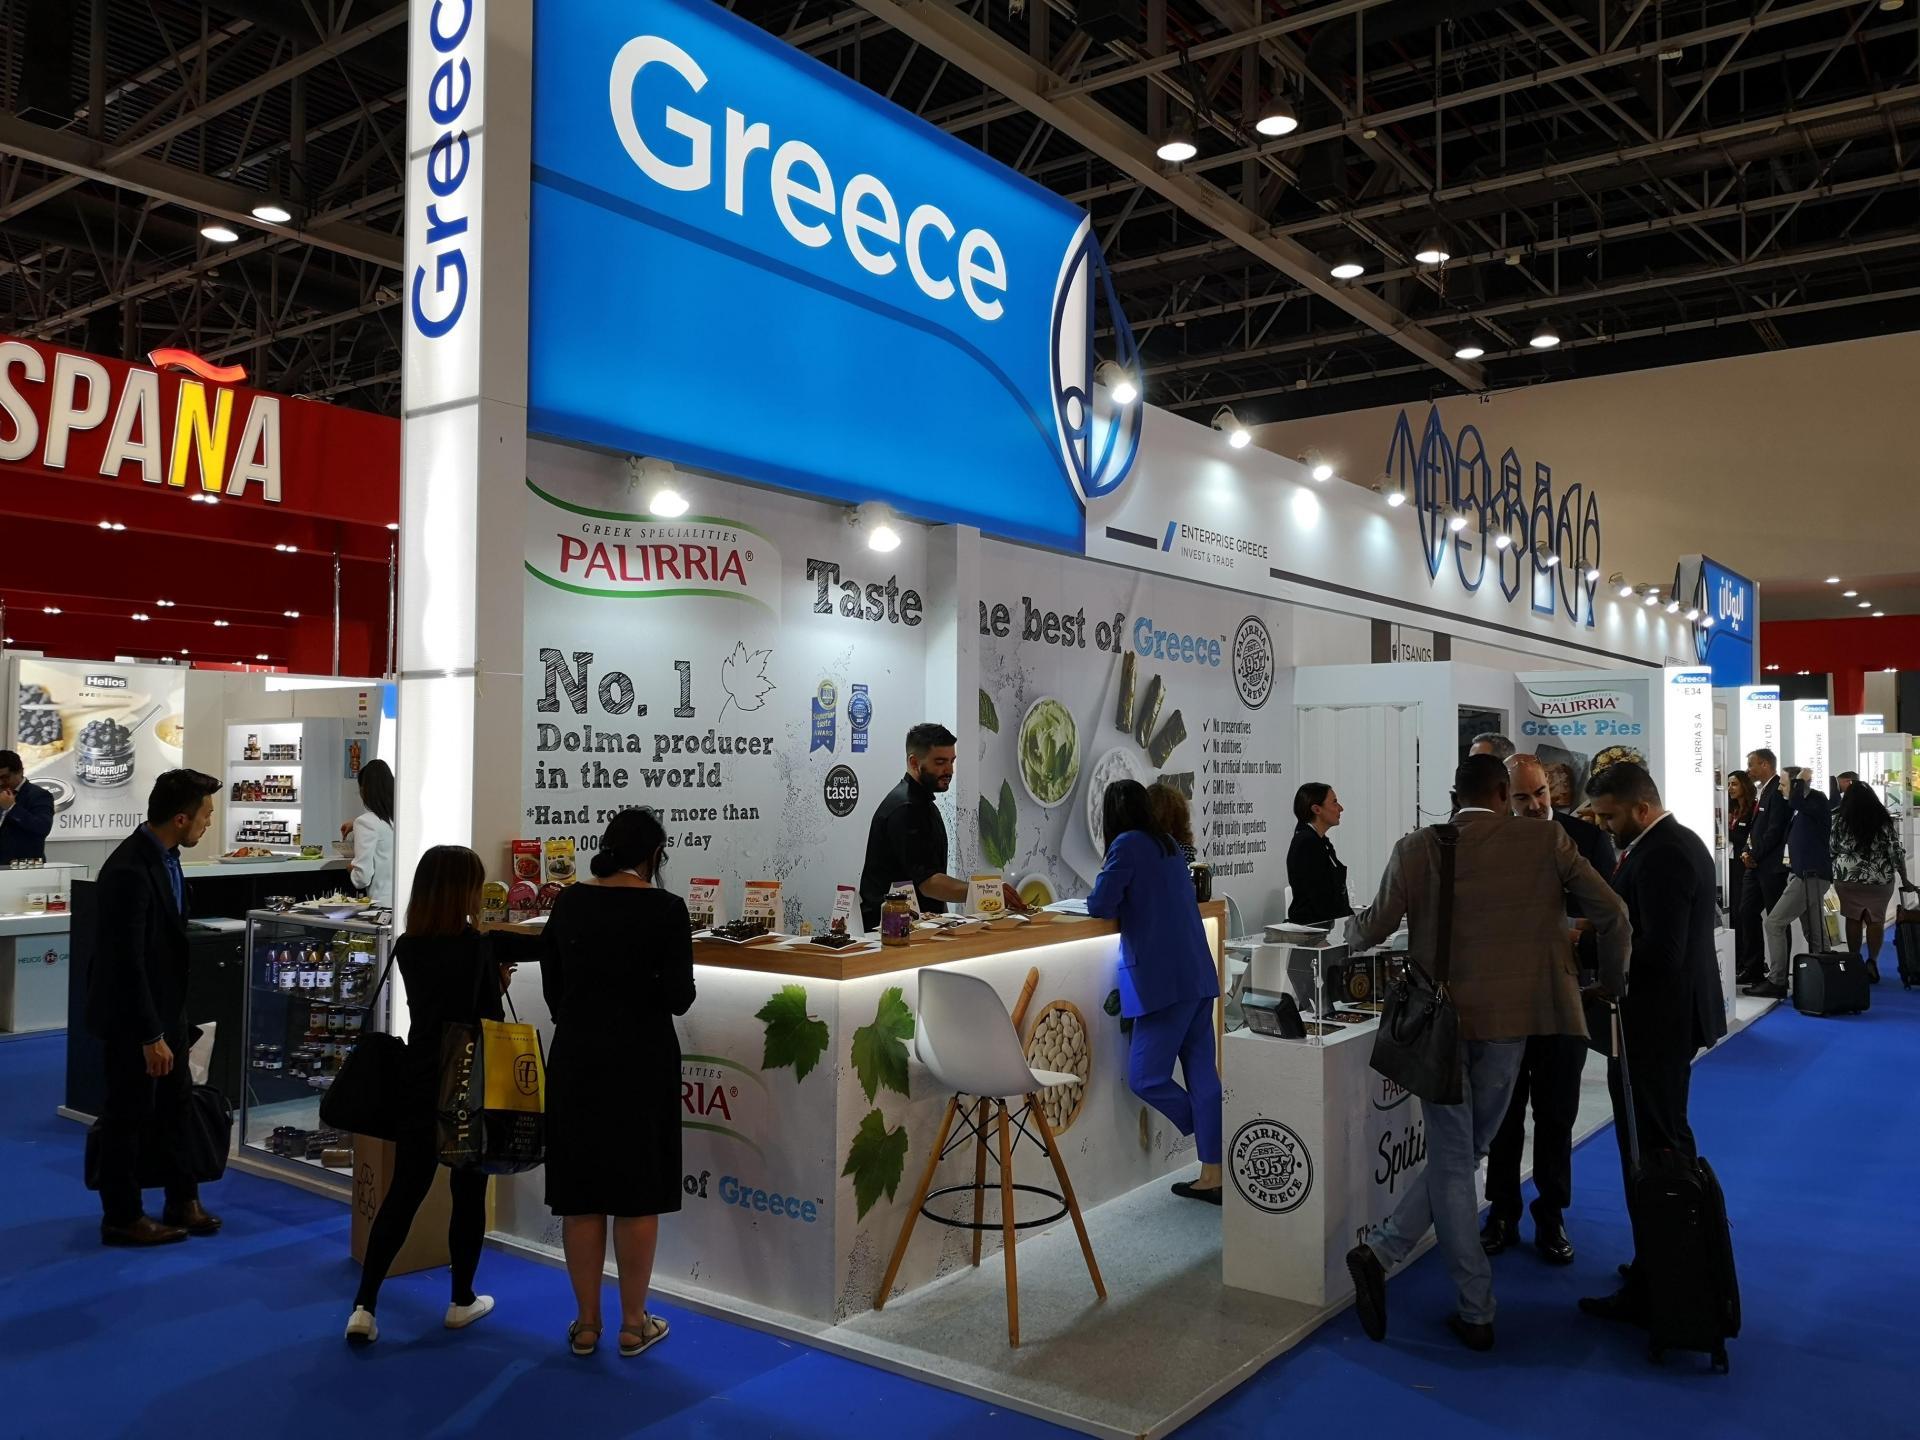 Δυναμική παρουσία των Ελλήνων εξαγωγέων στη Διεθνή Έκθεση GULFOOD 2020, τη μεγαλύτερη Διεθνή Έκθεση Τροφίμων στη Μέση Ανατολή